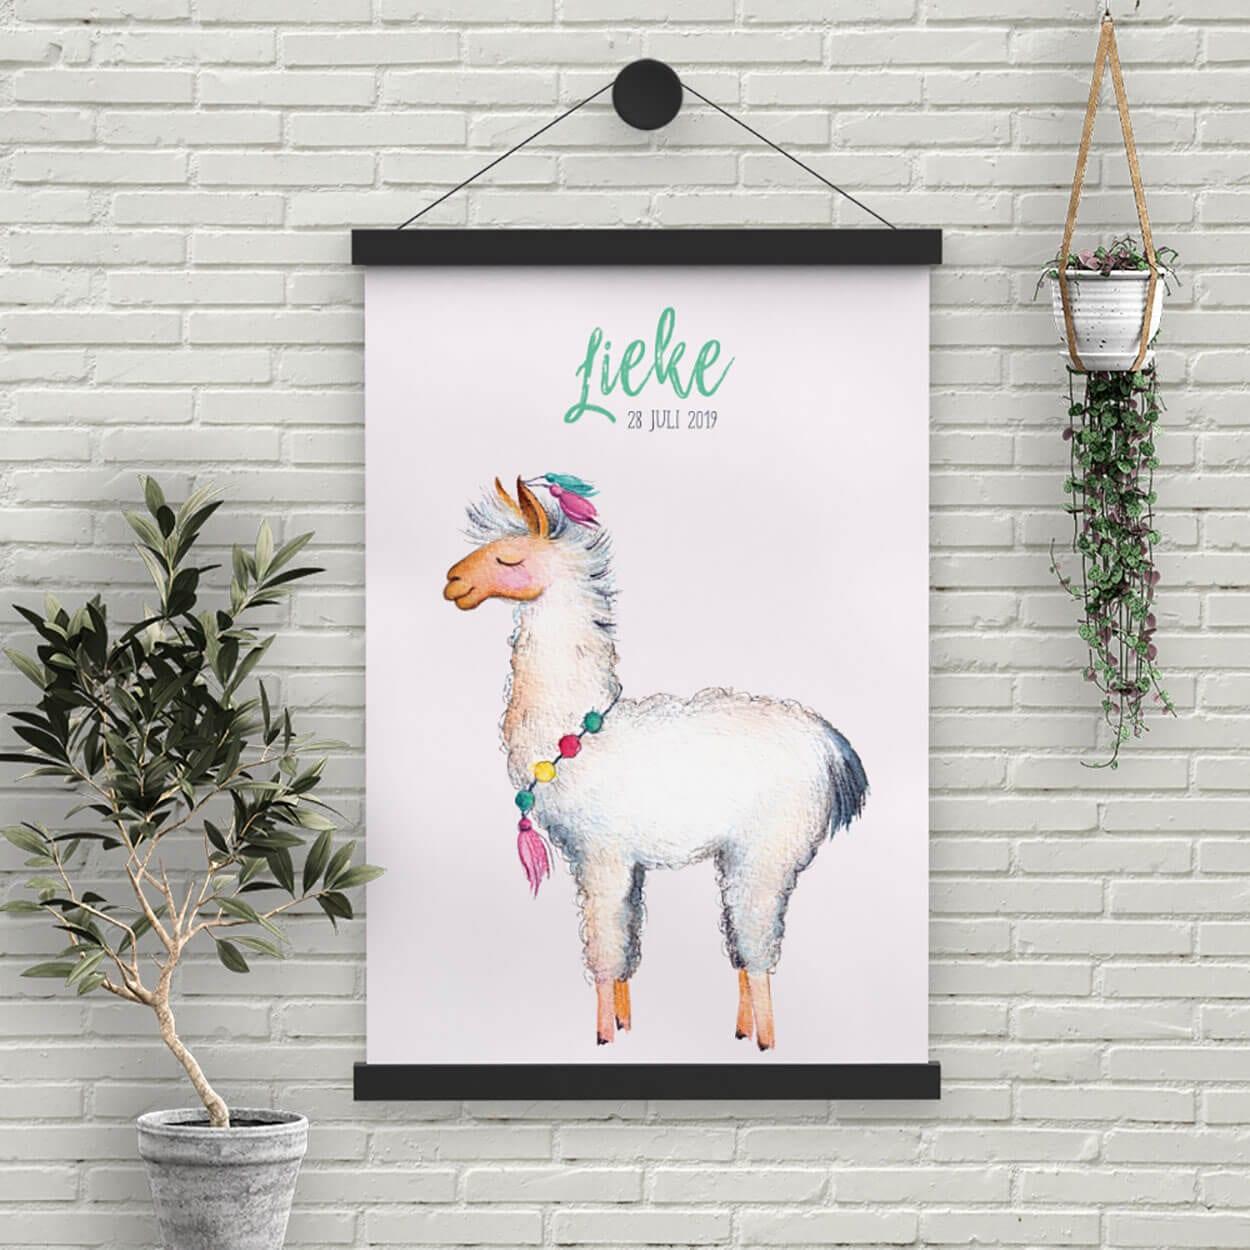 De leuke lama illustratie van geboortekaartje Lieve Lama figureert hier op een grote poster; erg schattig om aan de muur van de babykamer te hangen.